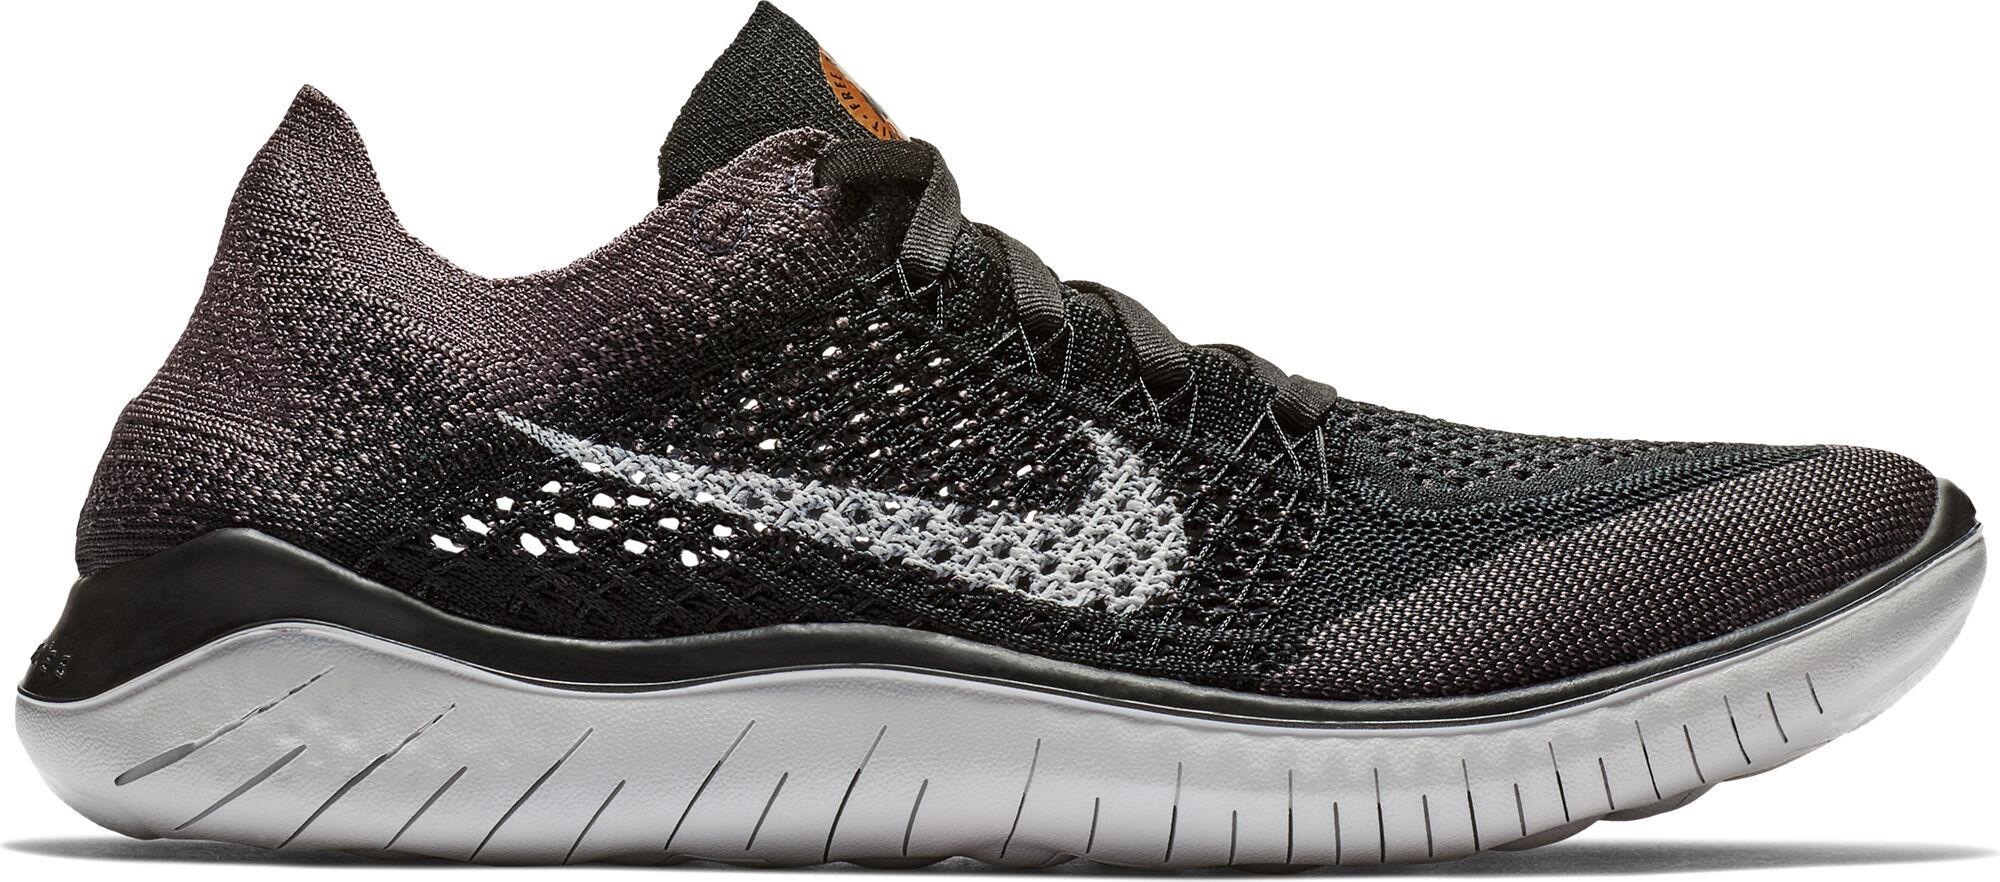 Nike Free sko til løberen | Aktiv Træning